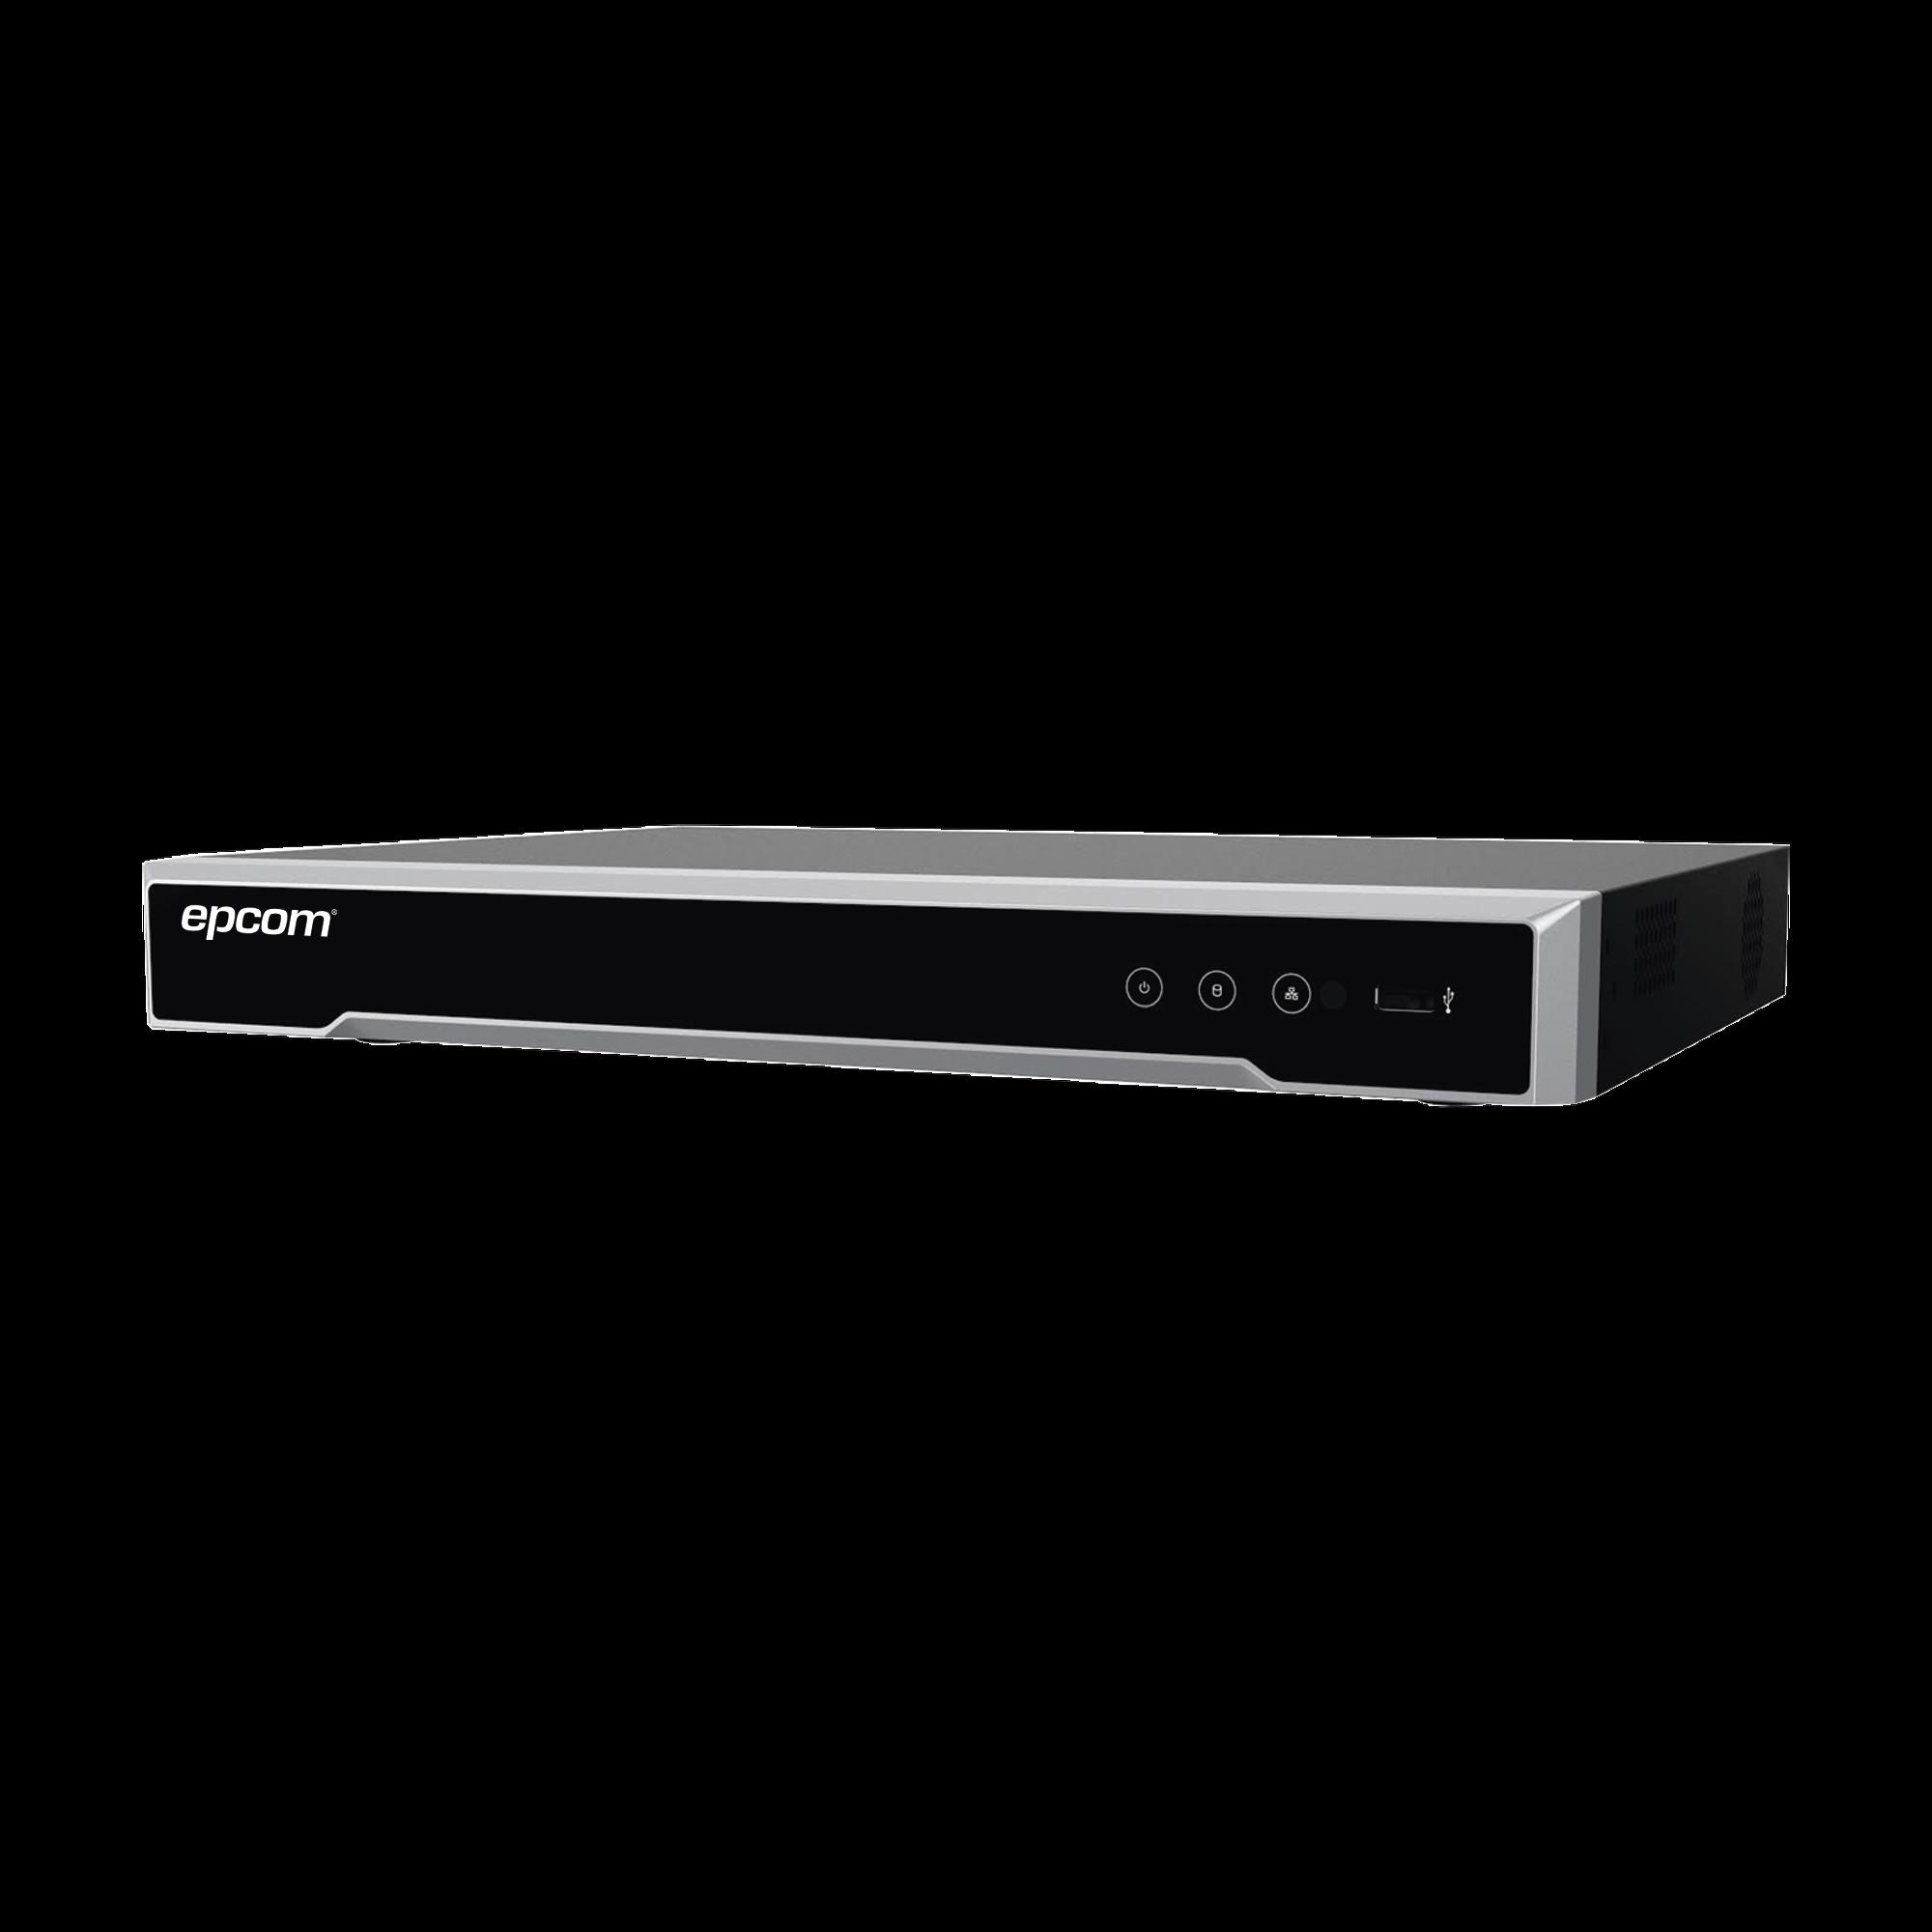 DVR 8 Megapixel / 4 Canales TURBOHD + 4 Canales IP / 1 Bahía de Disco Duro / 4 Canales de Audio / Audio por coaxitron / 4 Entradas de alarma / Vídeoanálisis